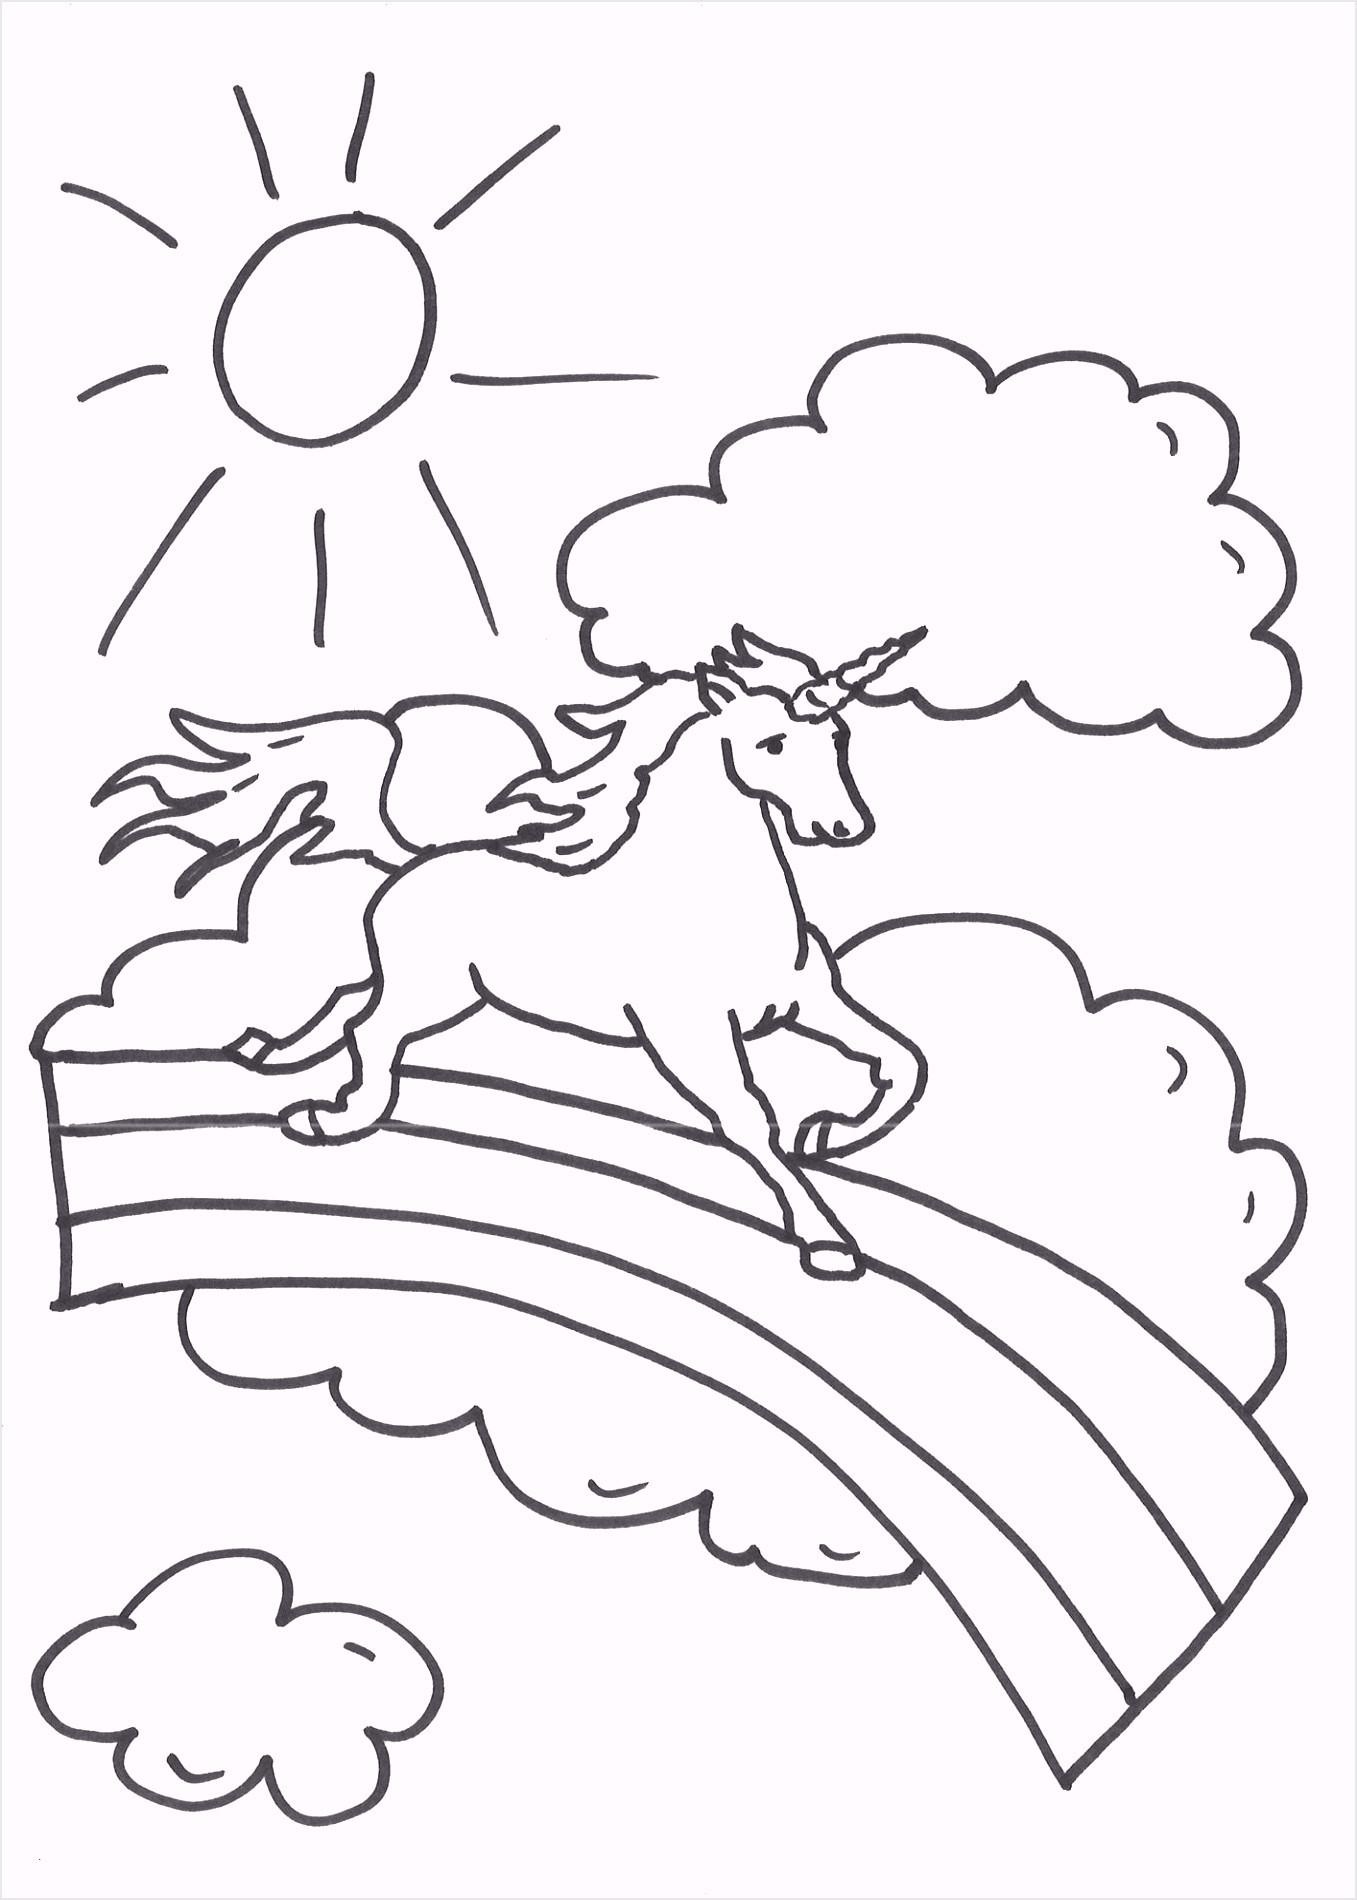 Ausmalbilder Drachen Genial Drache Kokosnuss Ausmalbilder Memory Spiel Selbst Gestalten Galerie